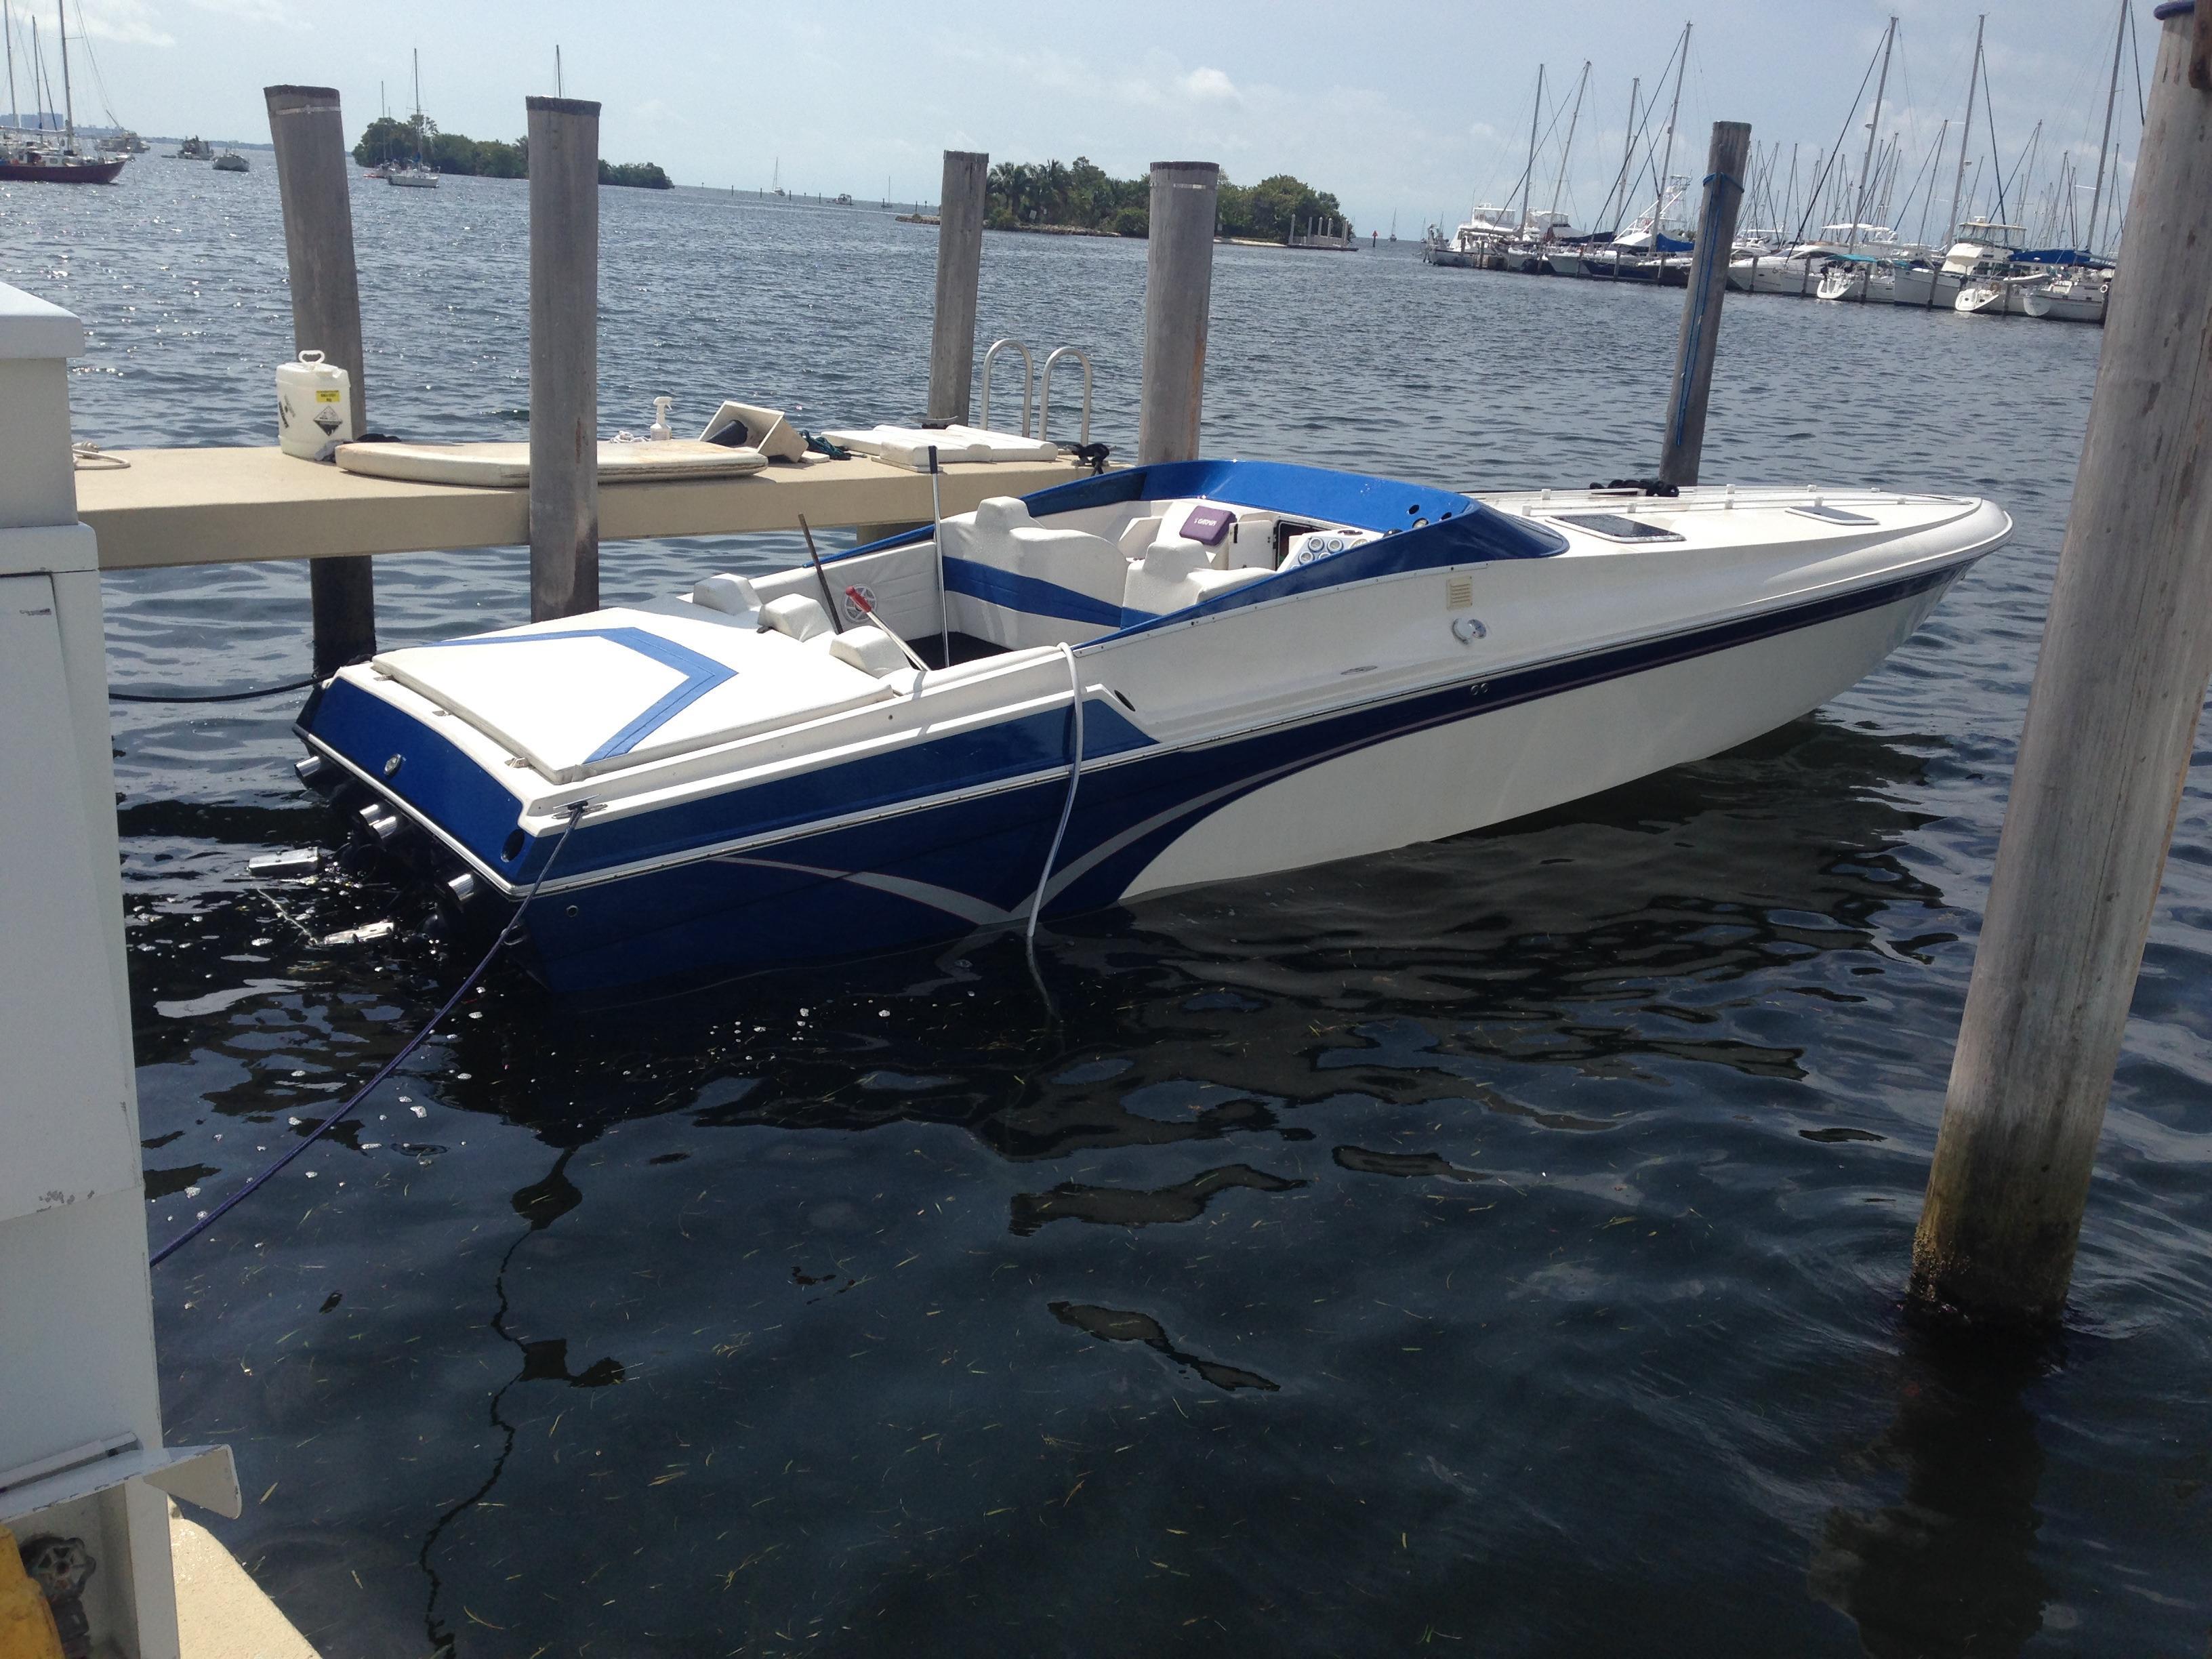 Hustler boat prop